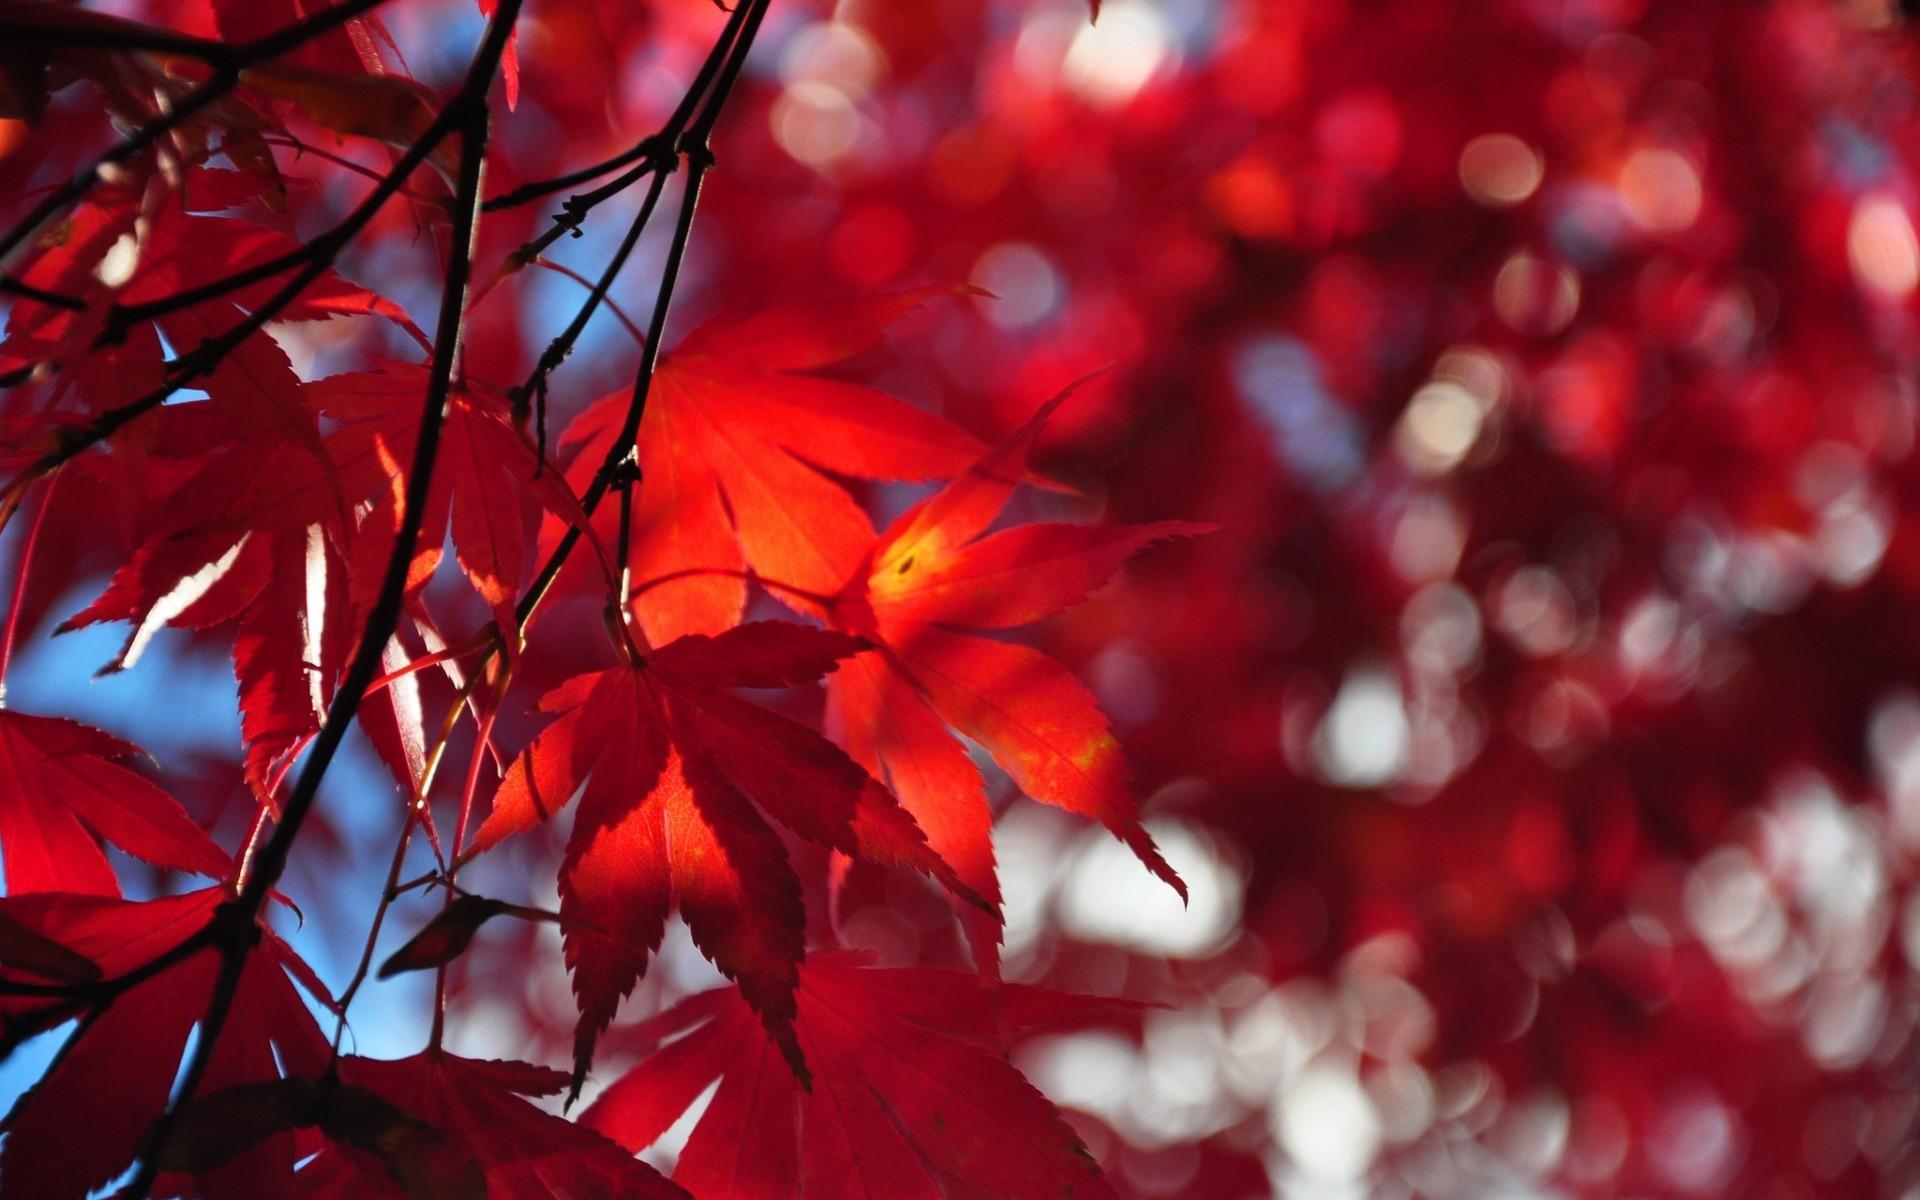 Sfondi desktop autunno 49 immagini for Immagini invernali per sfondo desktop